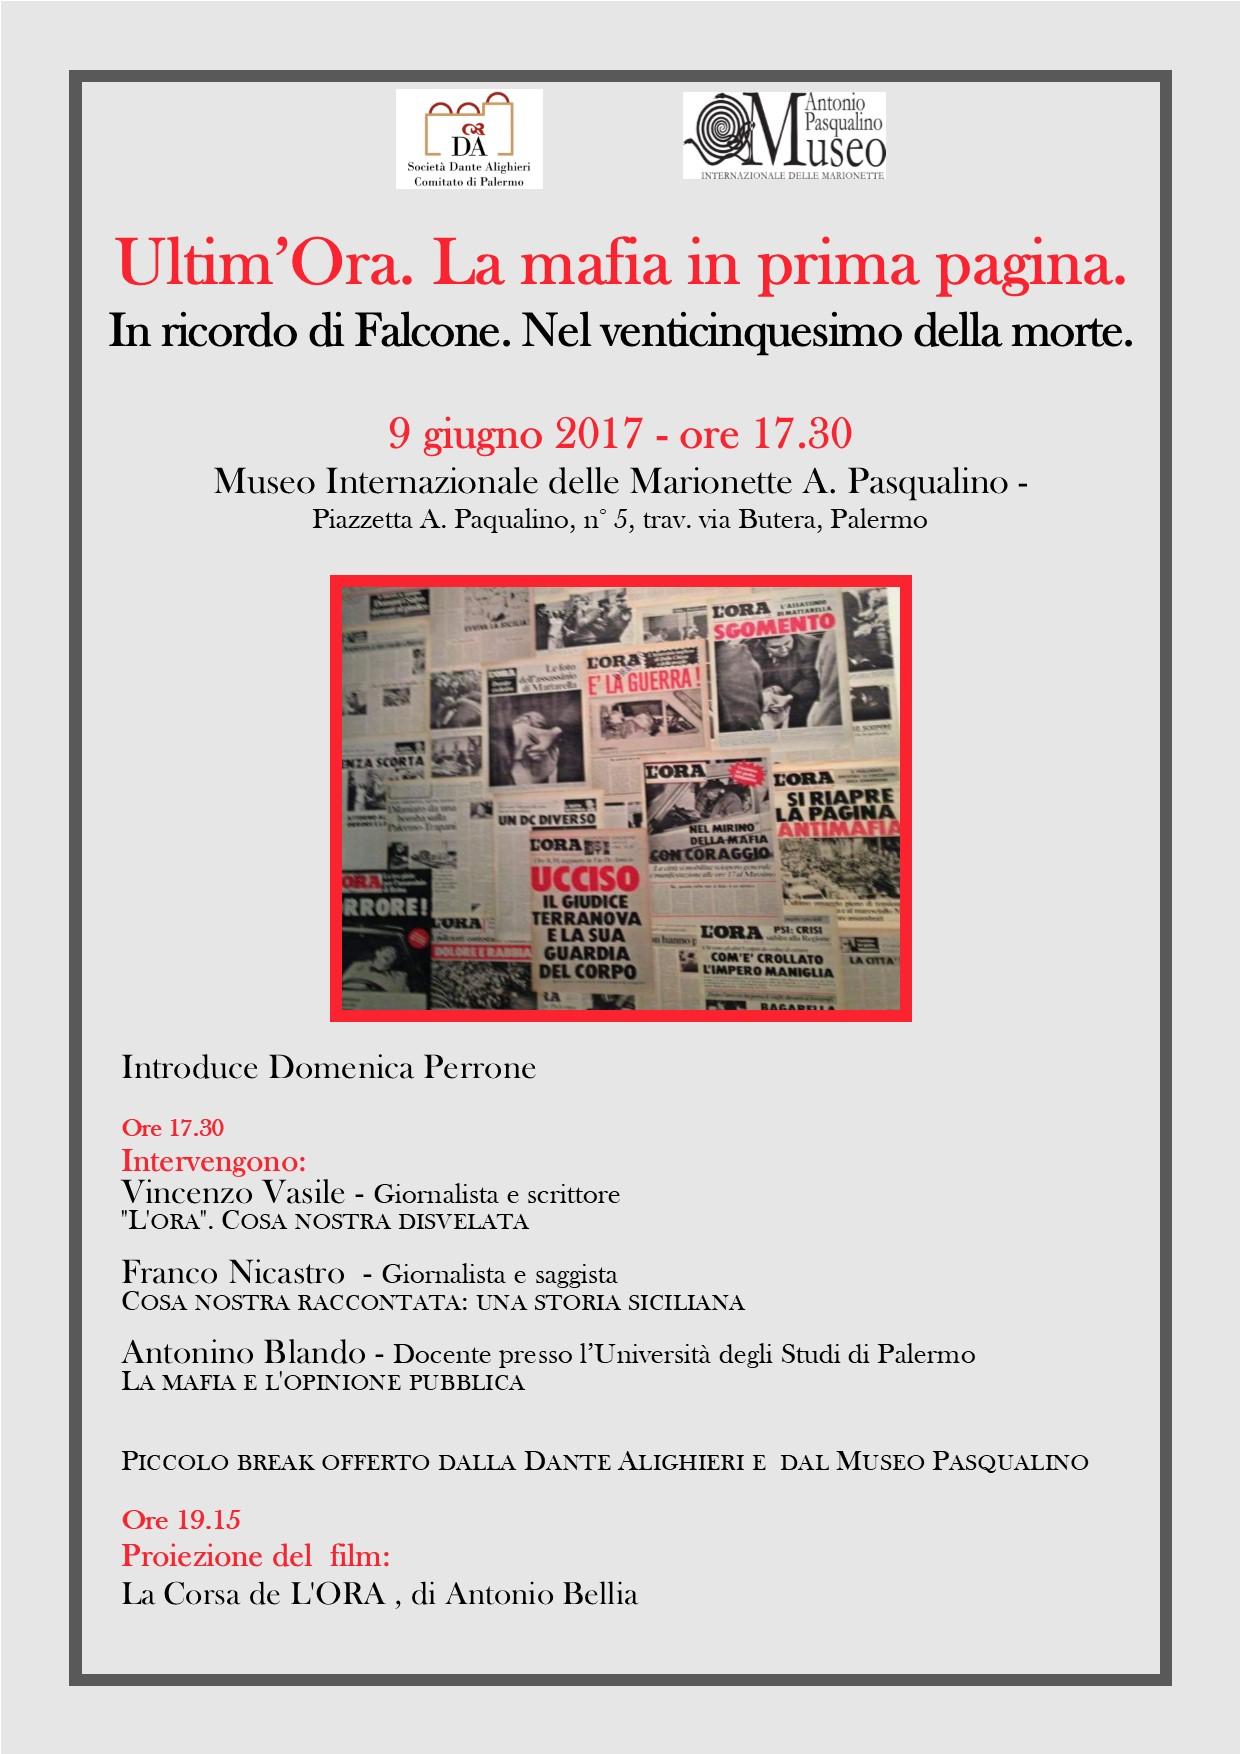 UltimOra._La_Mafia_in_prima_pagina.jpg - 304.89 kB